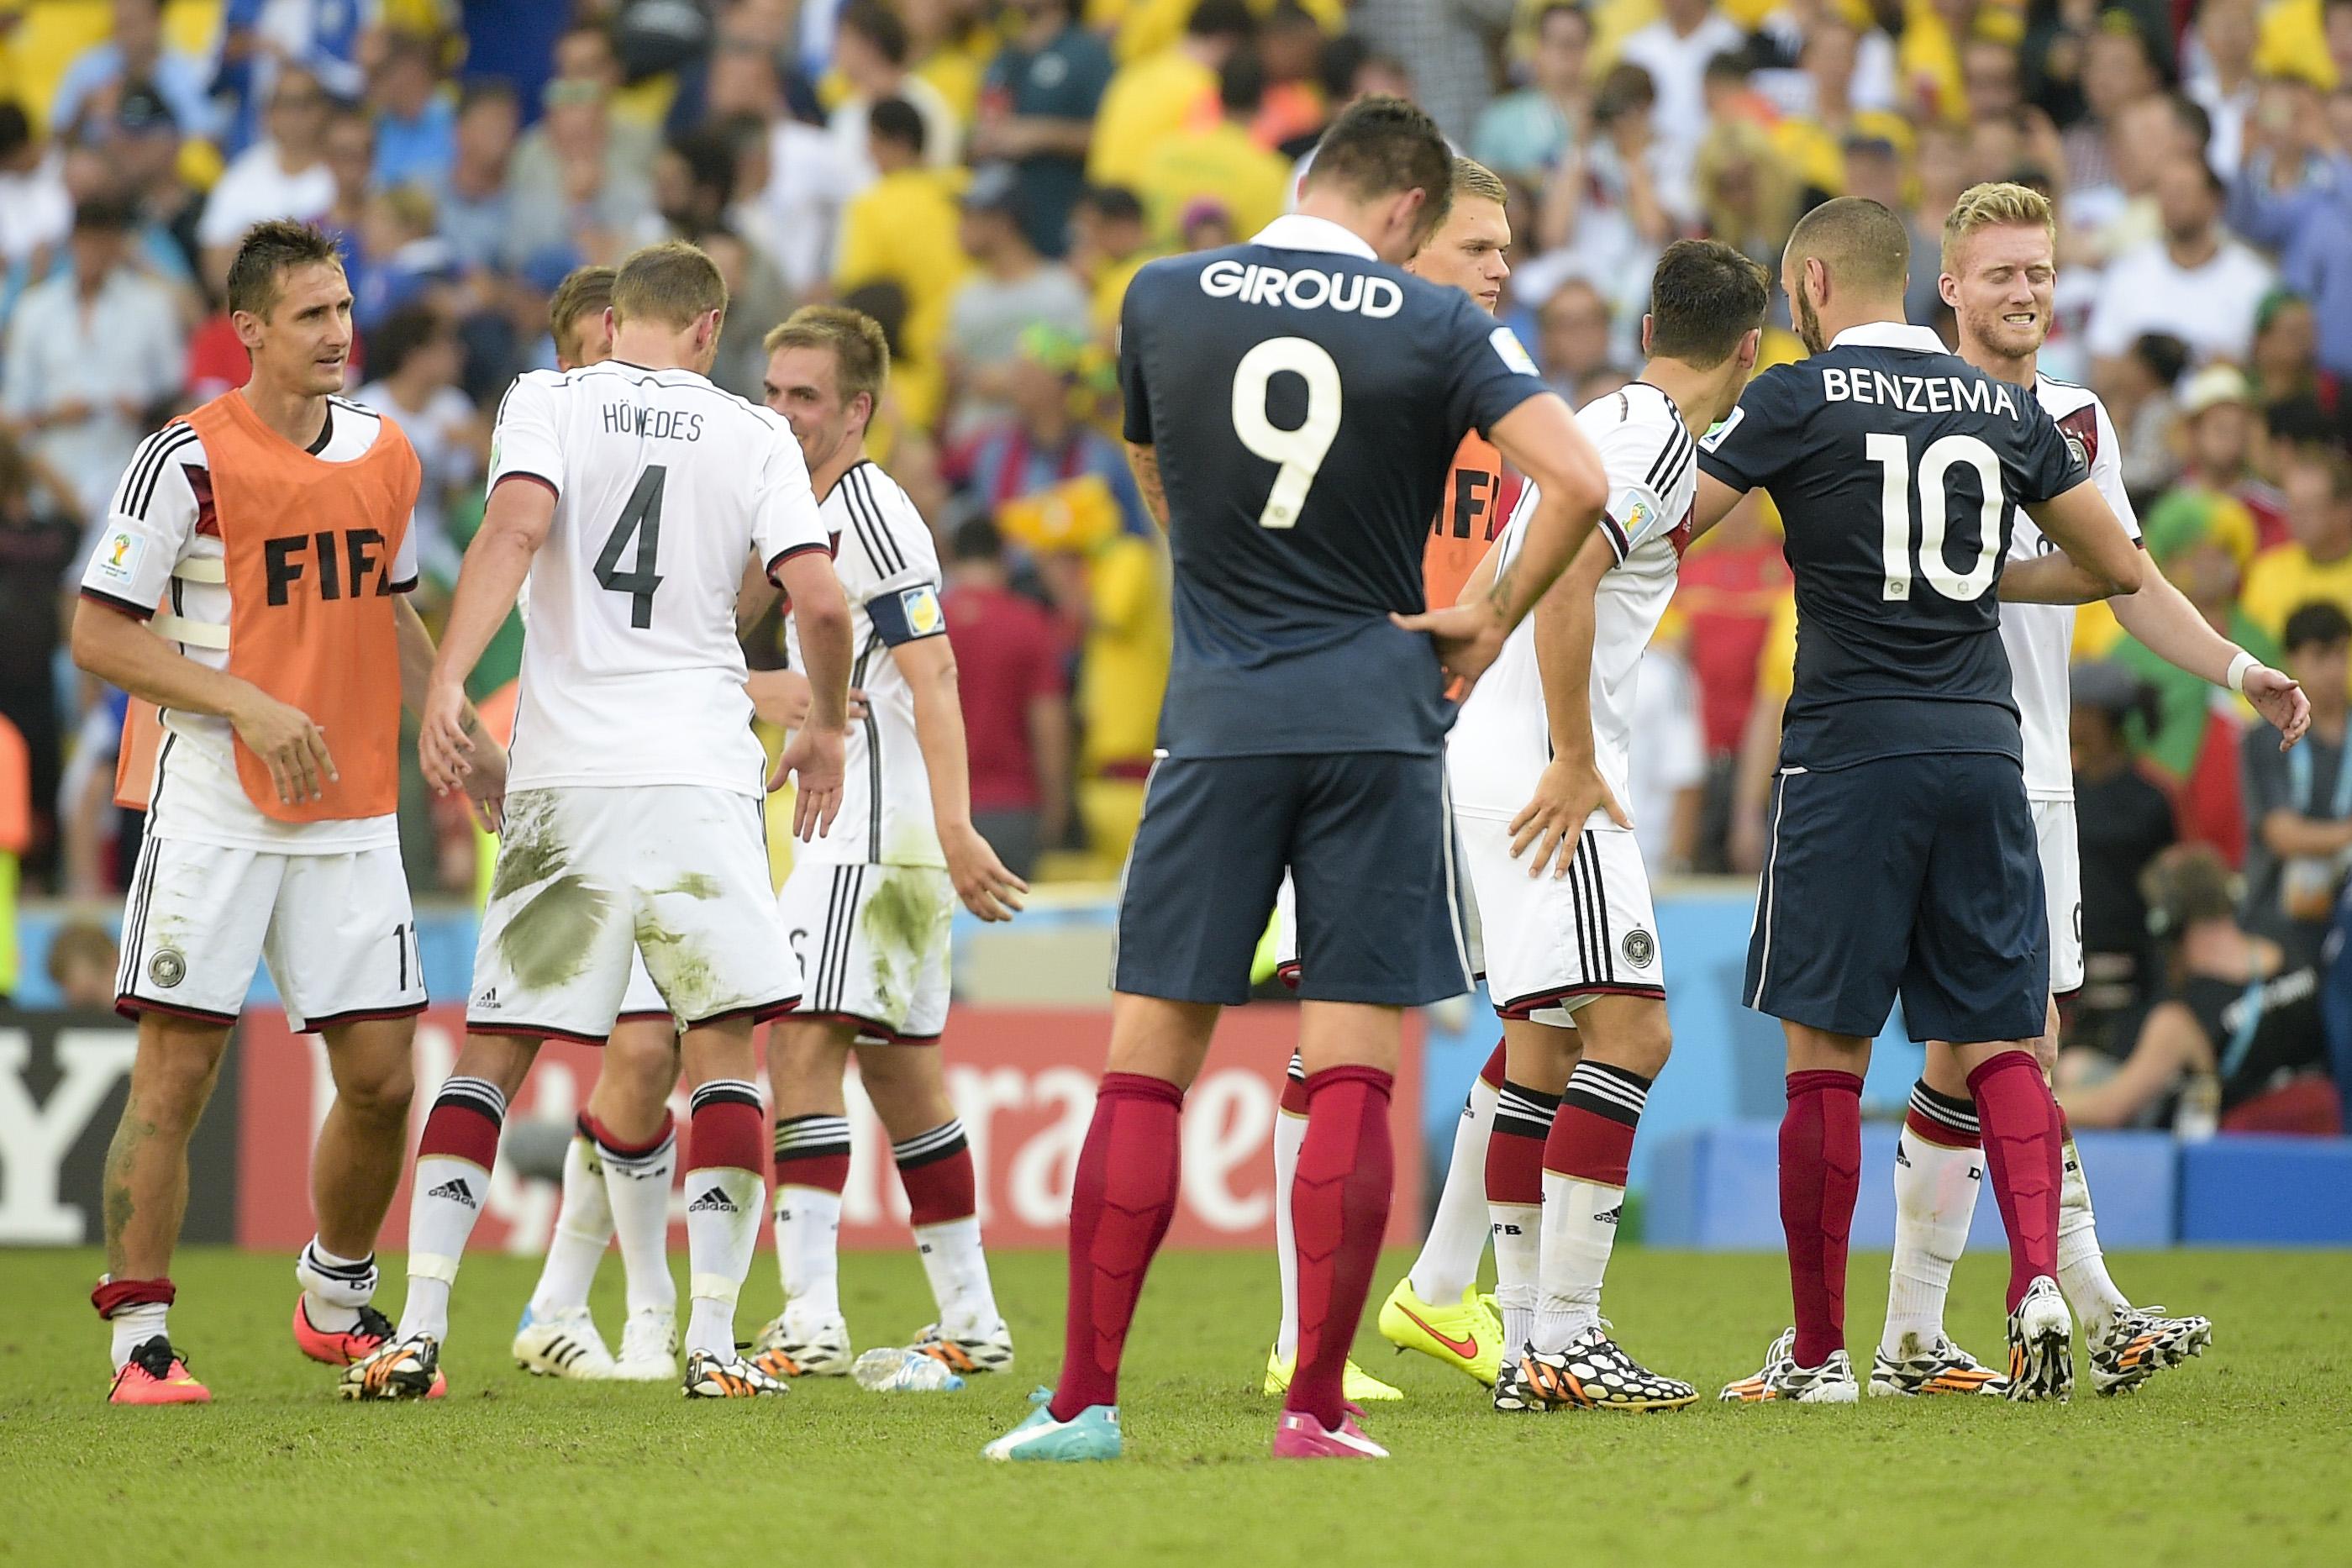 Football - Coupe du monde - Giroud et la comparaison avec Benzema : «C'est mon destin»